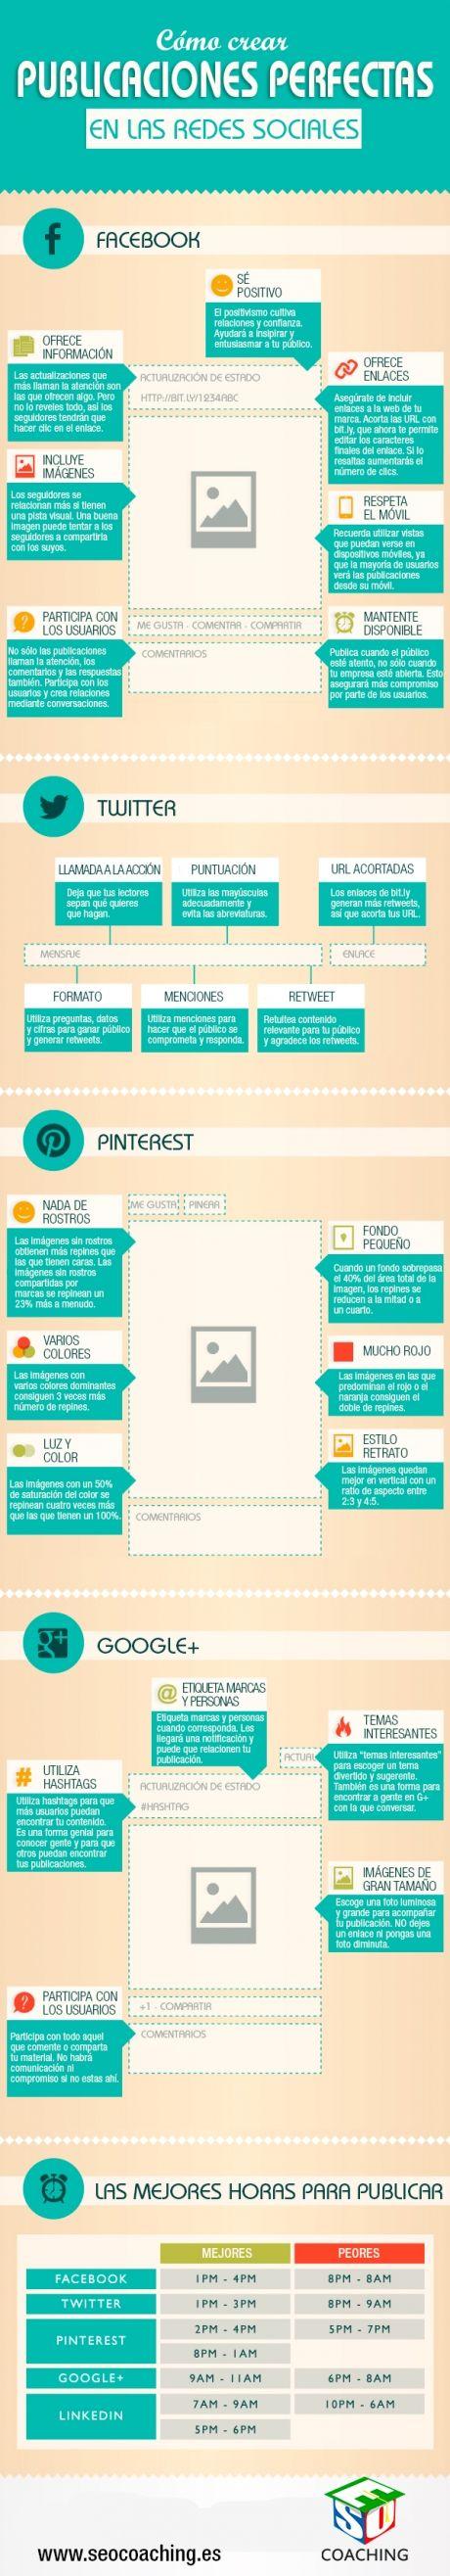 Cómo crear publicaciones perfectas en Redes Sociales